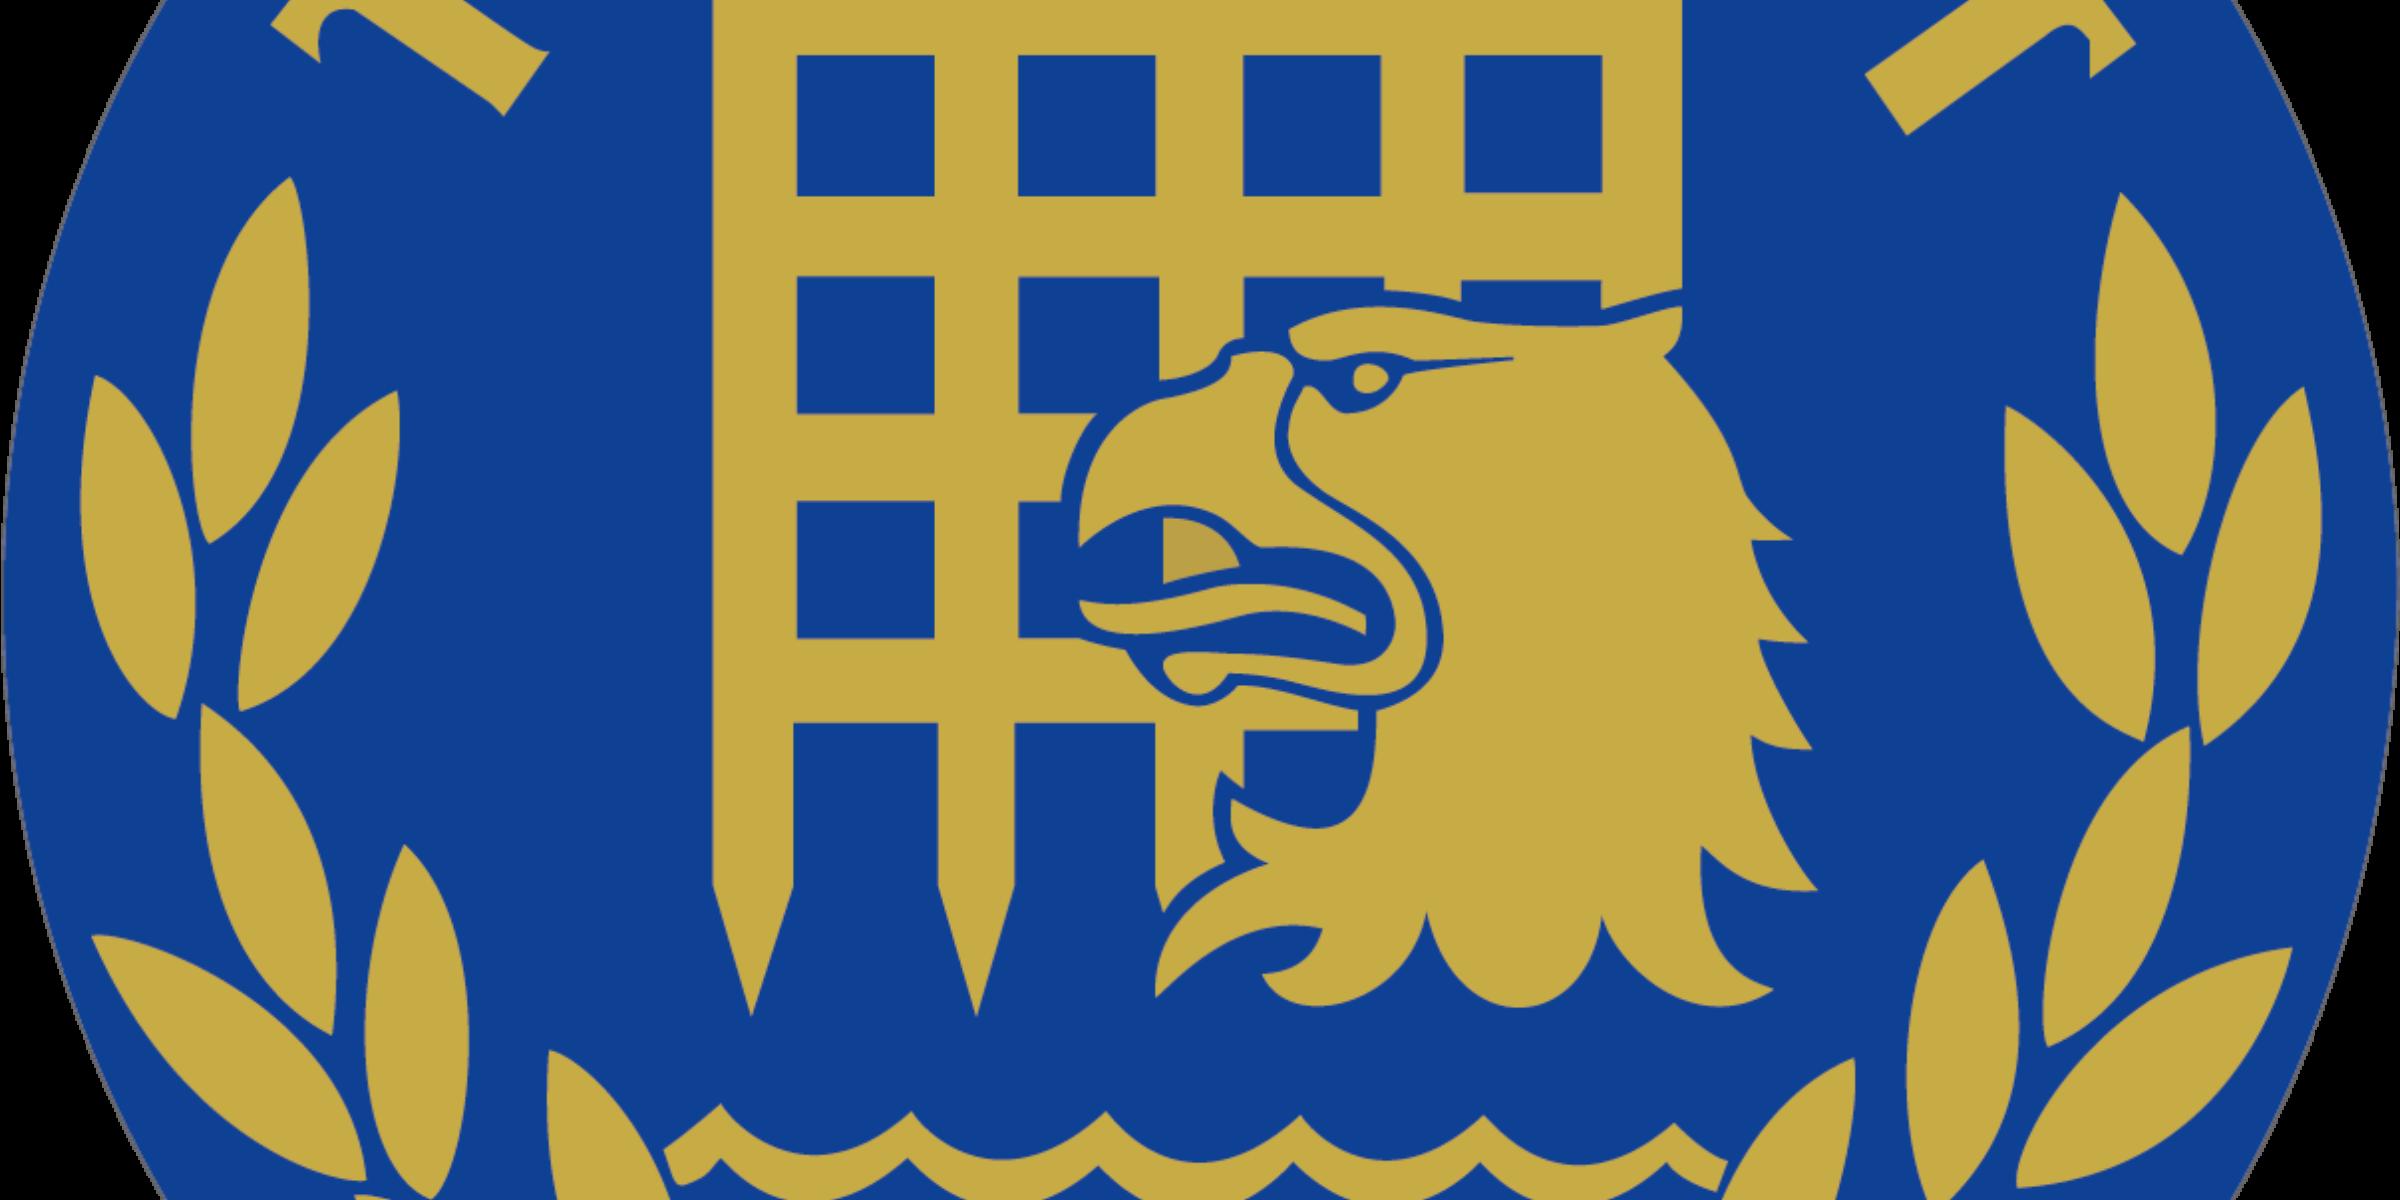 TULL-KUST Logga Blå Bakgrund